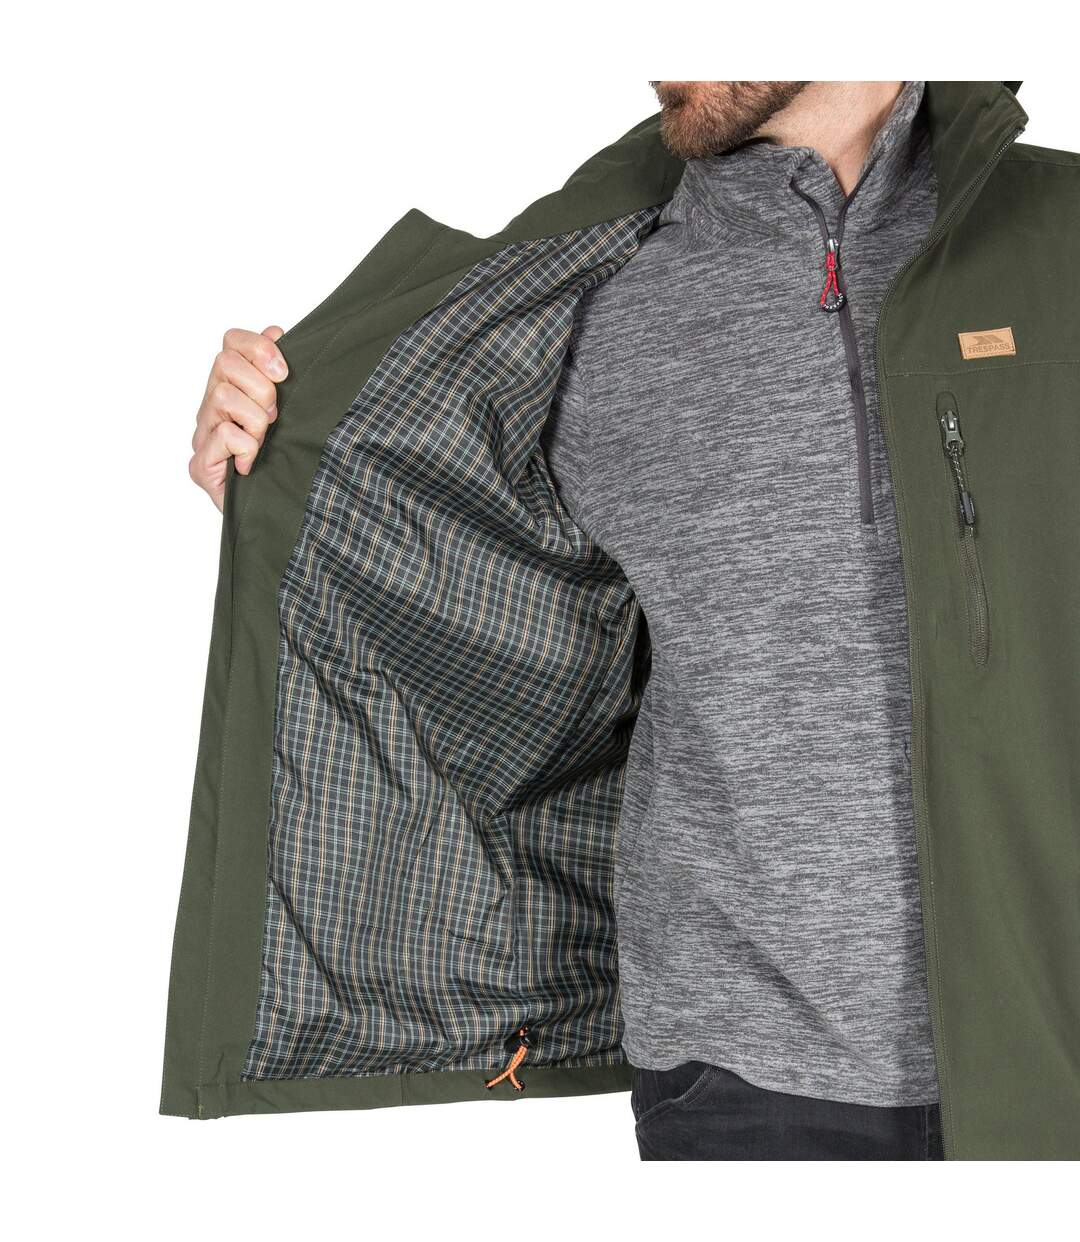 Trespass Mens Weir Waterproof Jacket (Olive) - UTTP4592